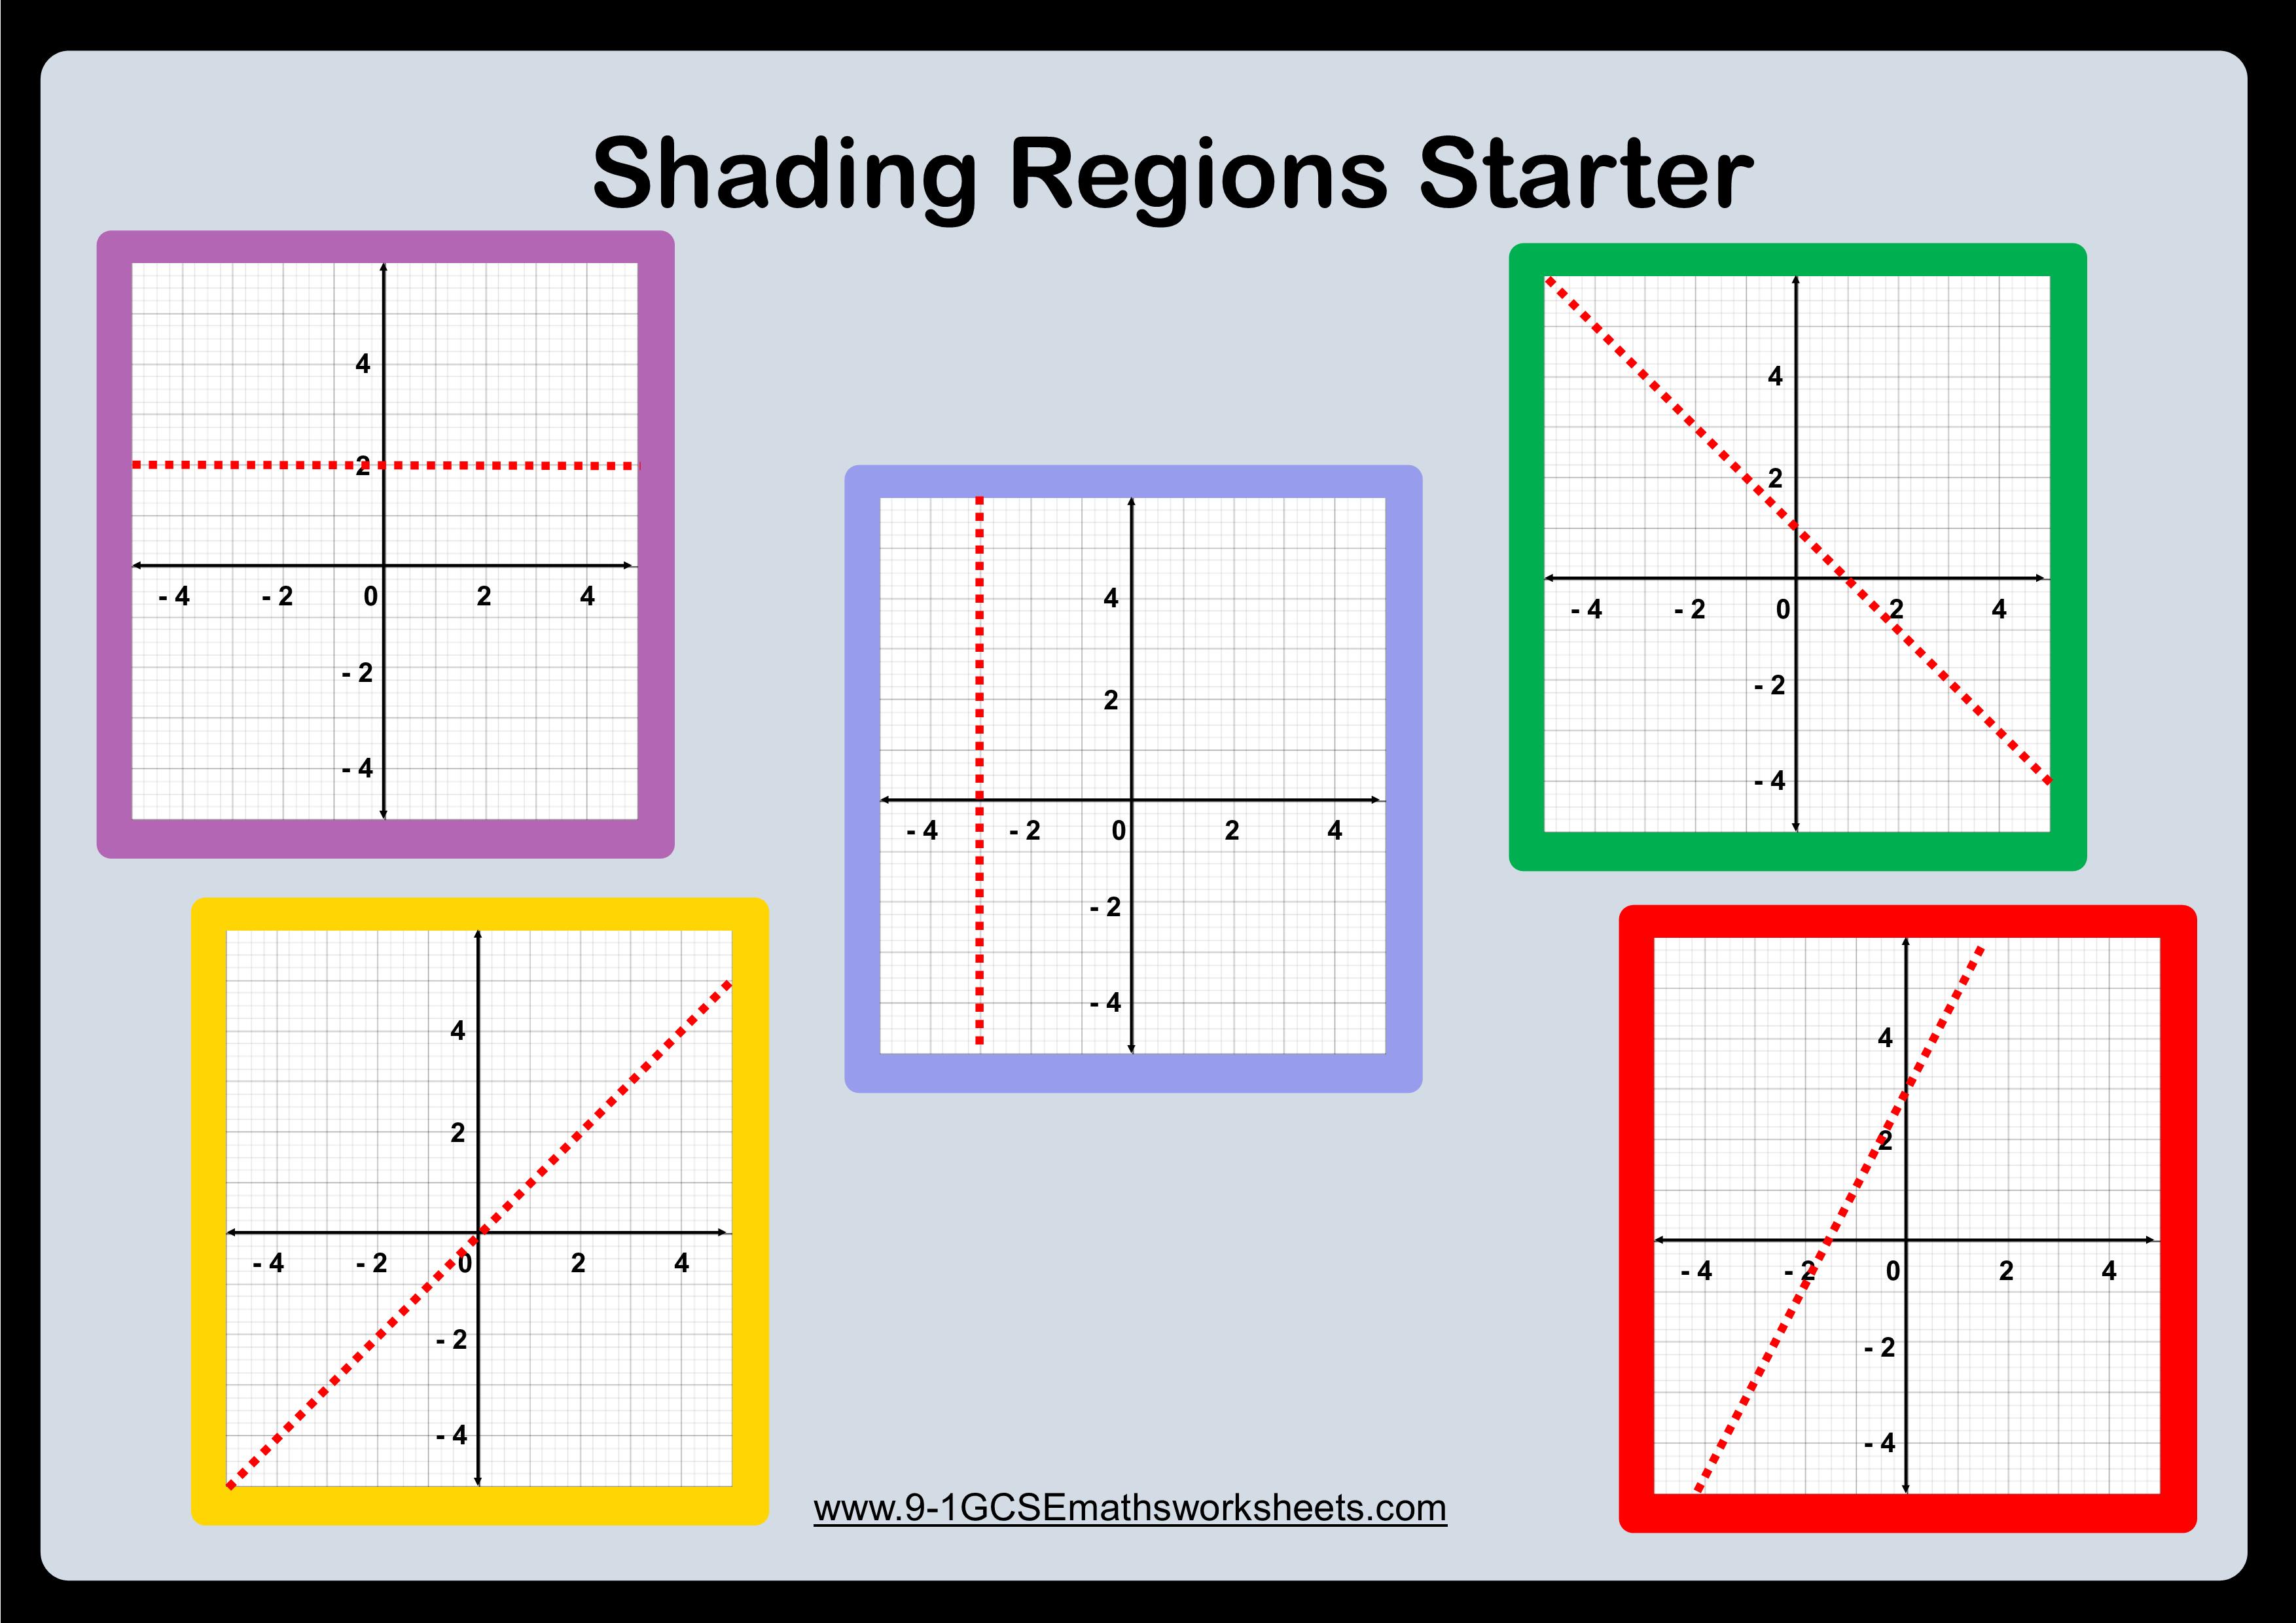 shading regions starter